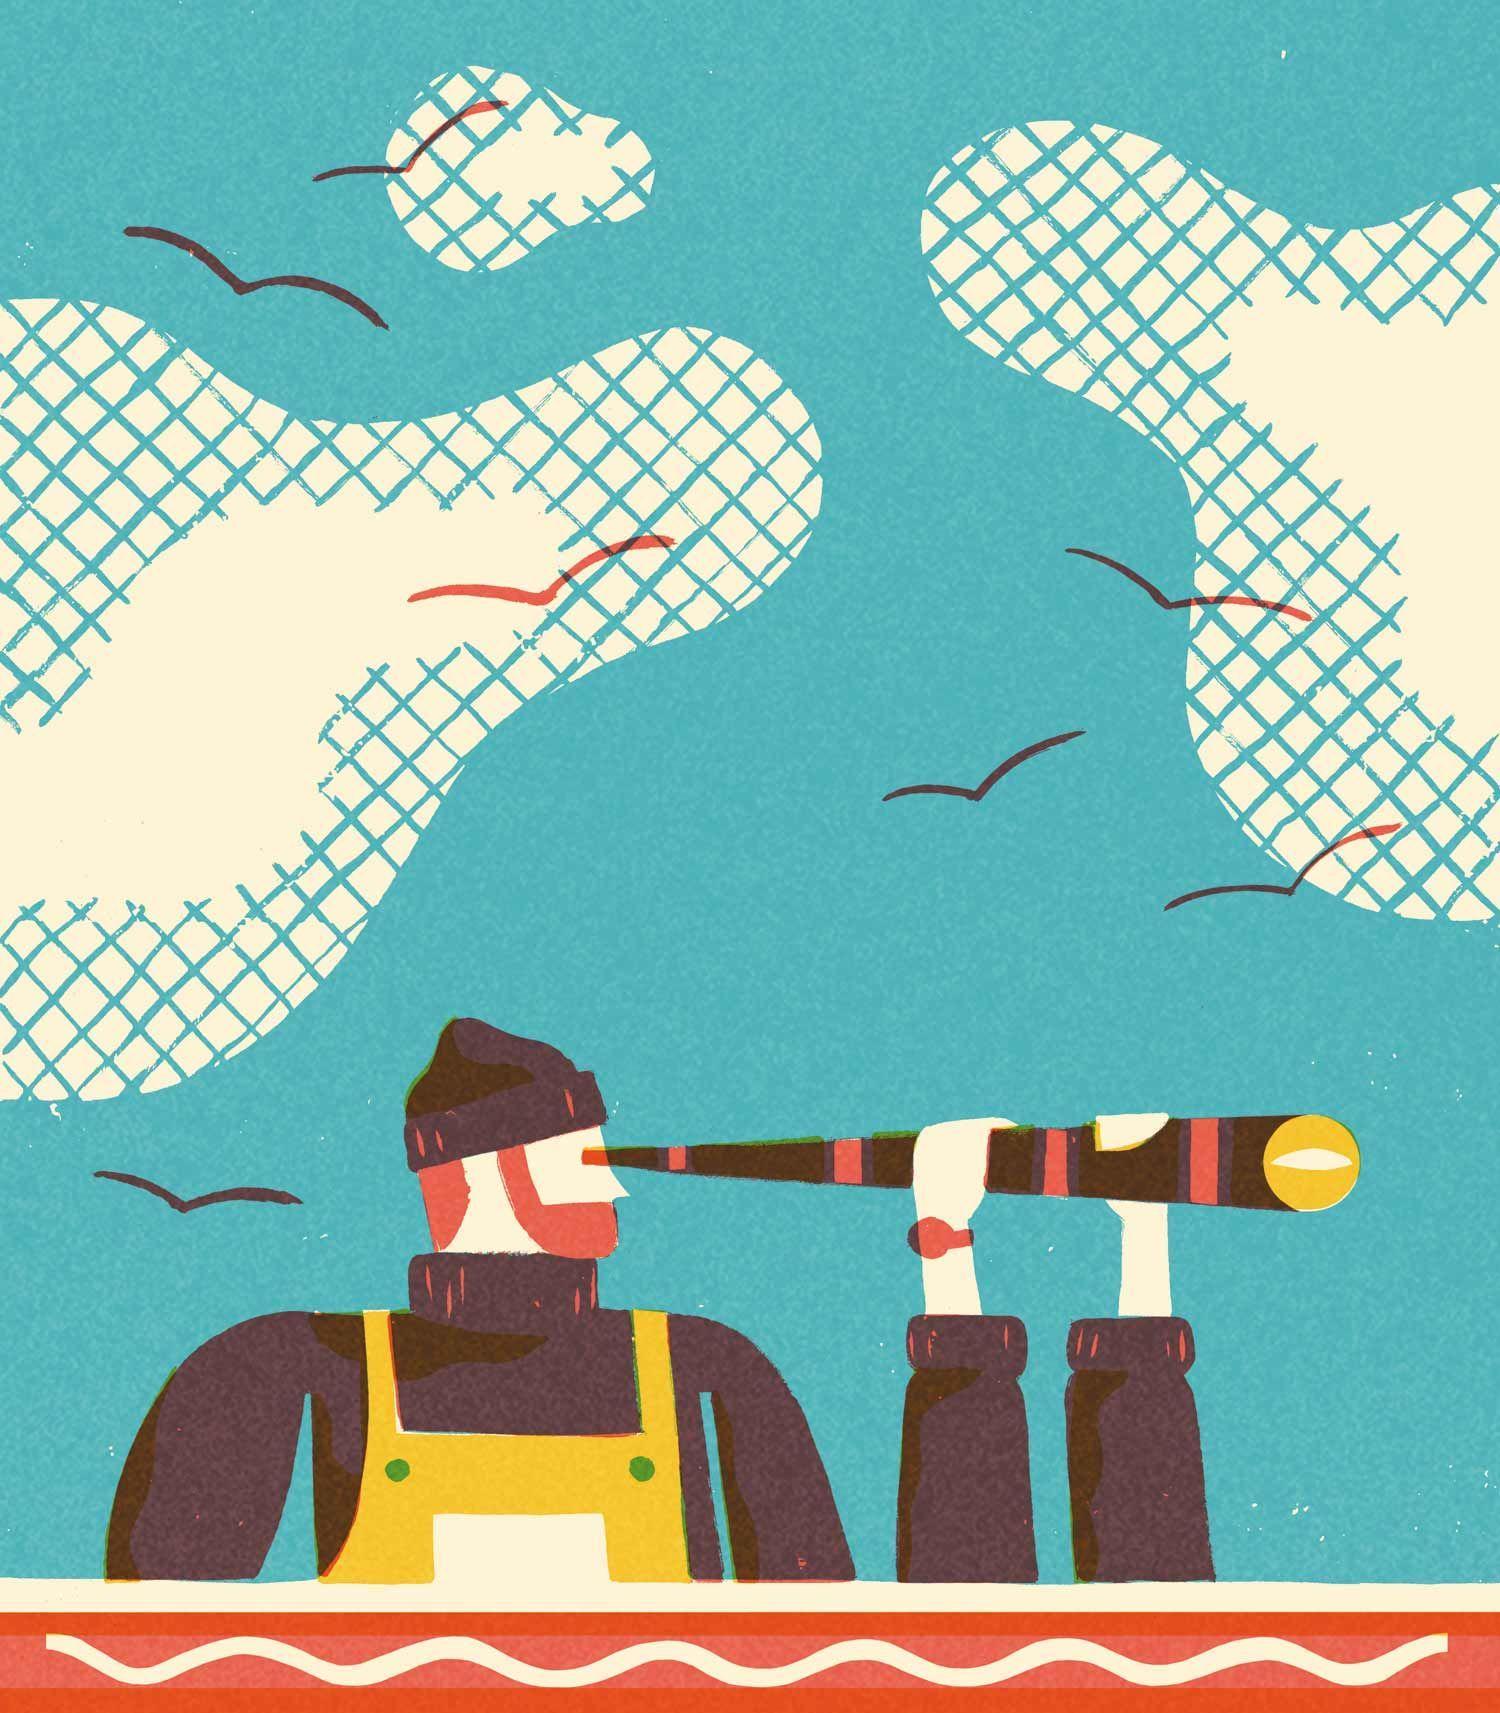 David Doran trasforma idee in bellissime illustrazioni | Collater.al 6